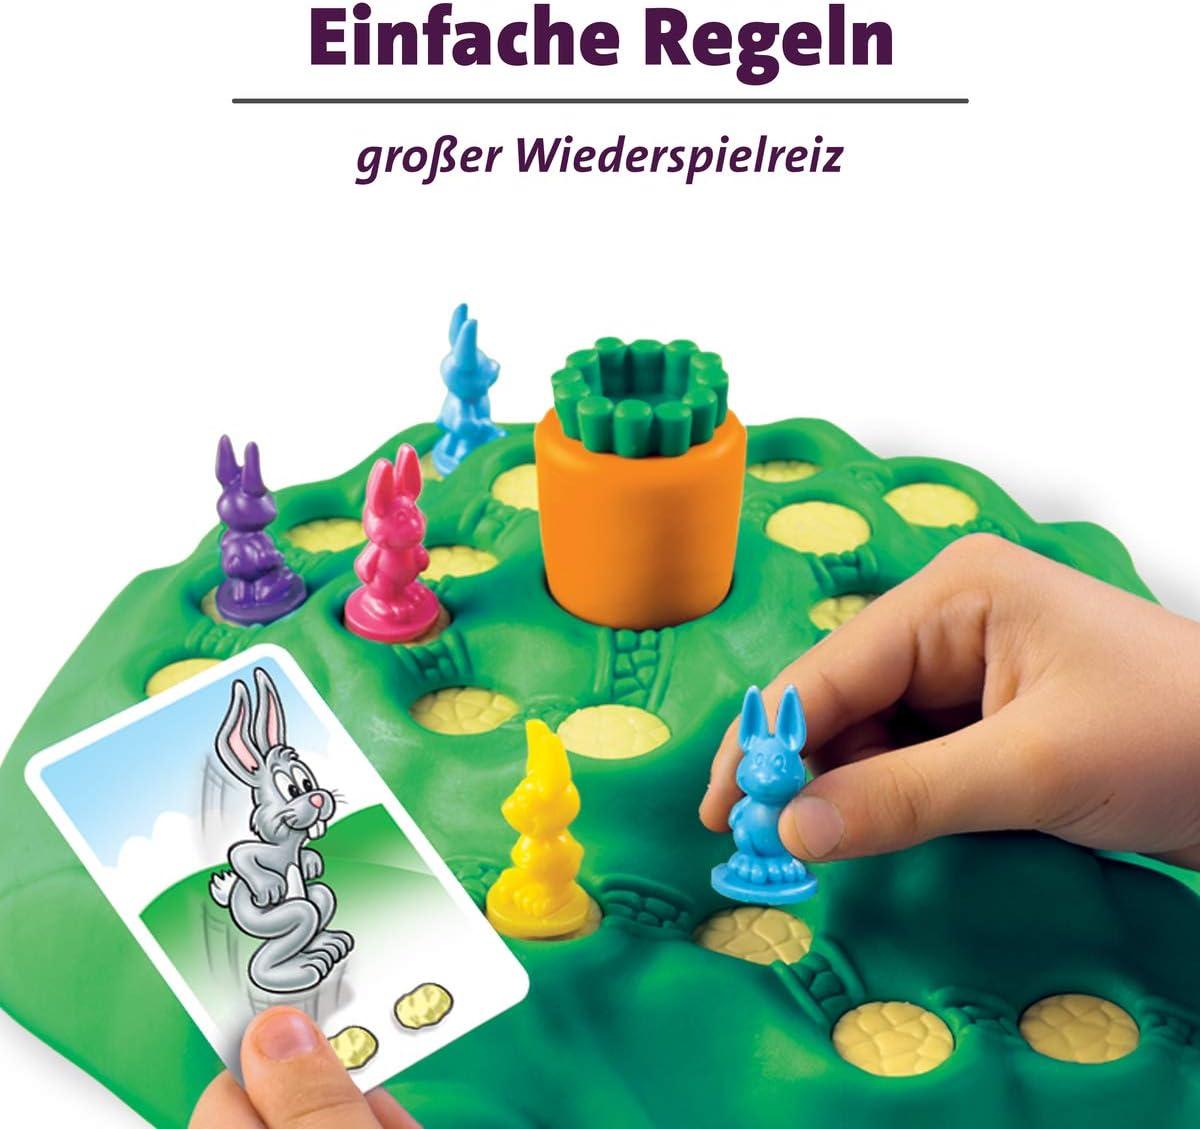 Ravensburger-4005556215560 Divertidos Juegos de niños. (4005556215560): Amazon.es: Juguetes y juegos